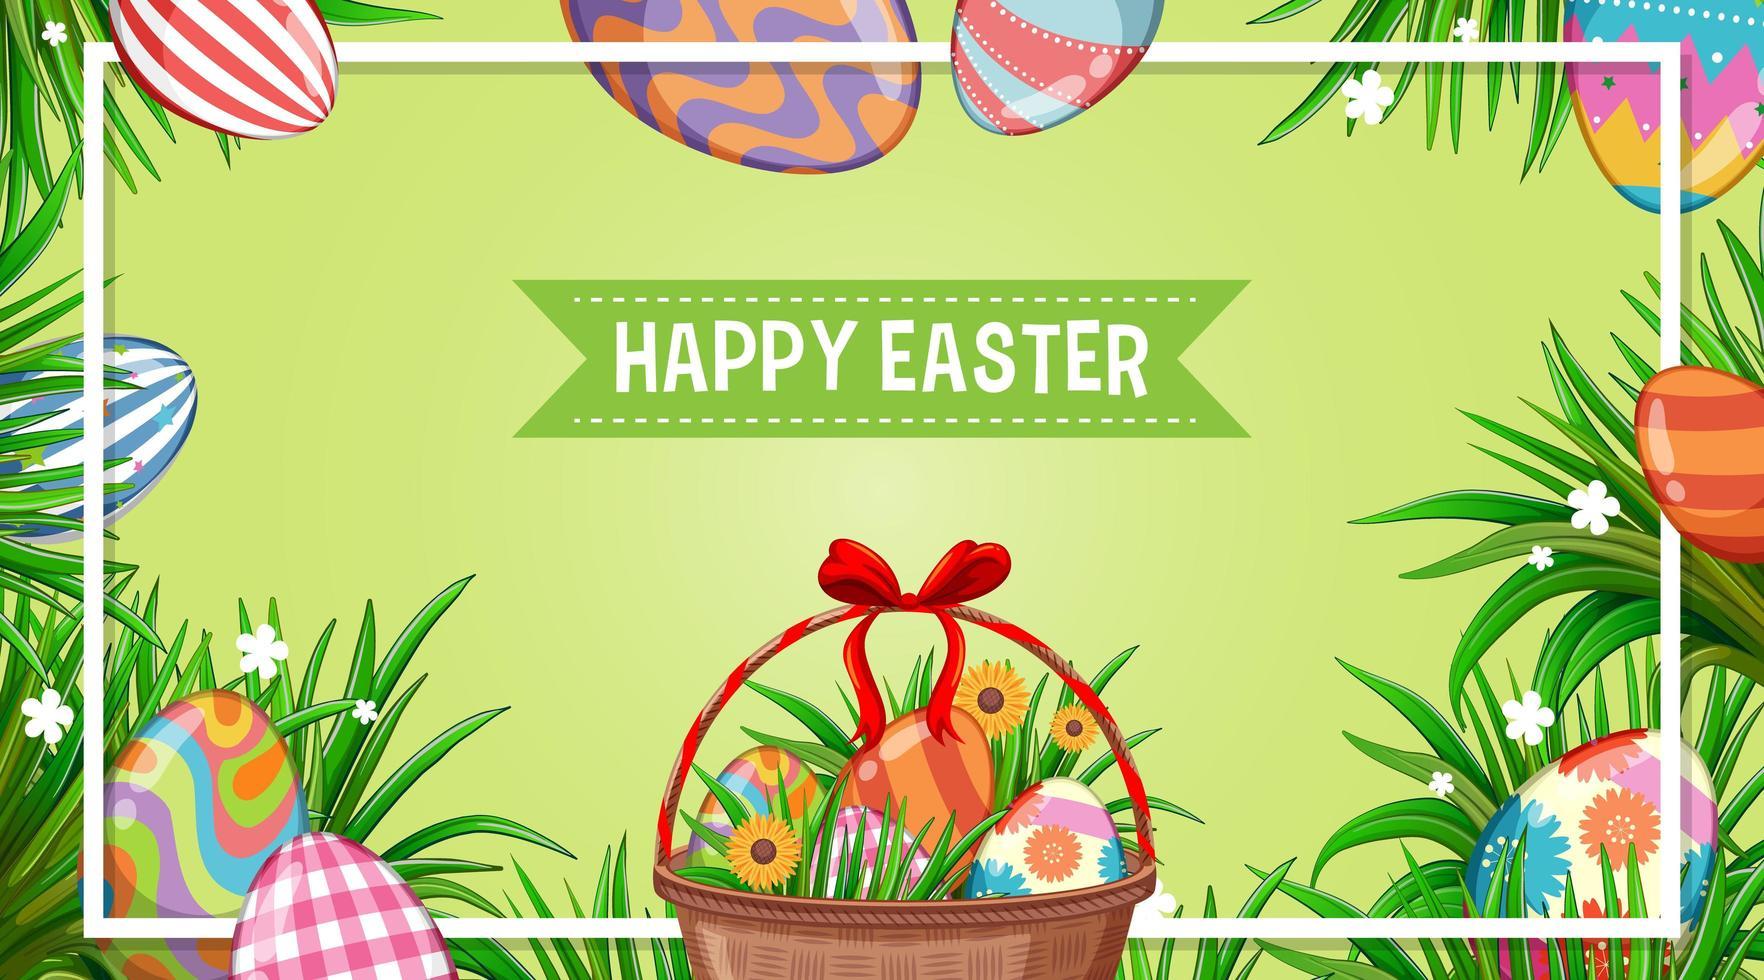 affiche de Pâques avec des oeufs décorés dans le jardin vecteur